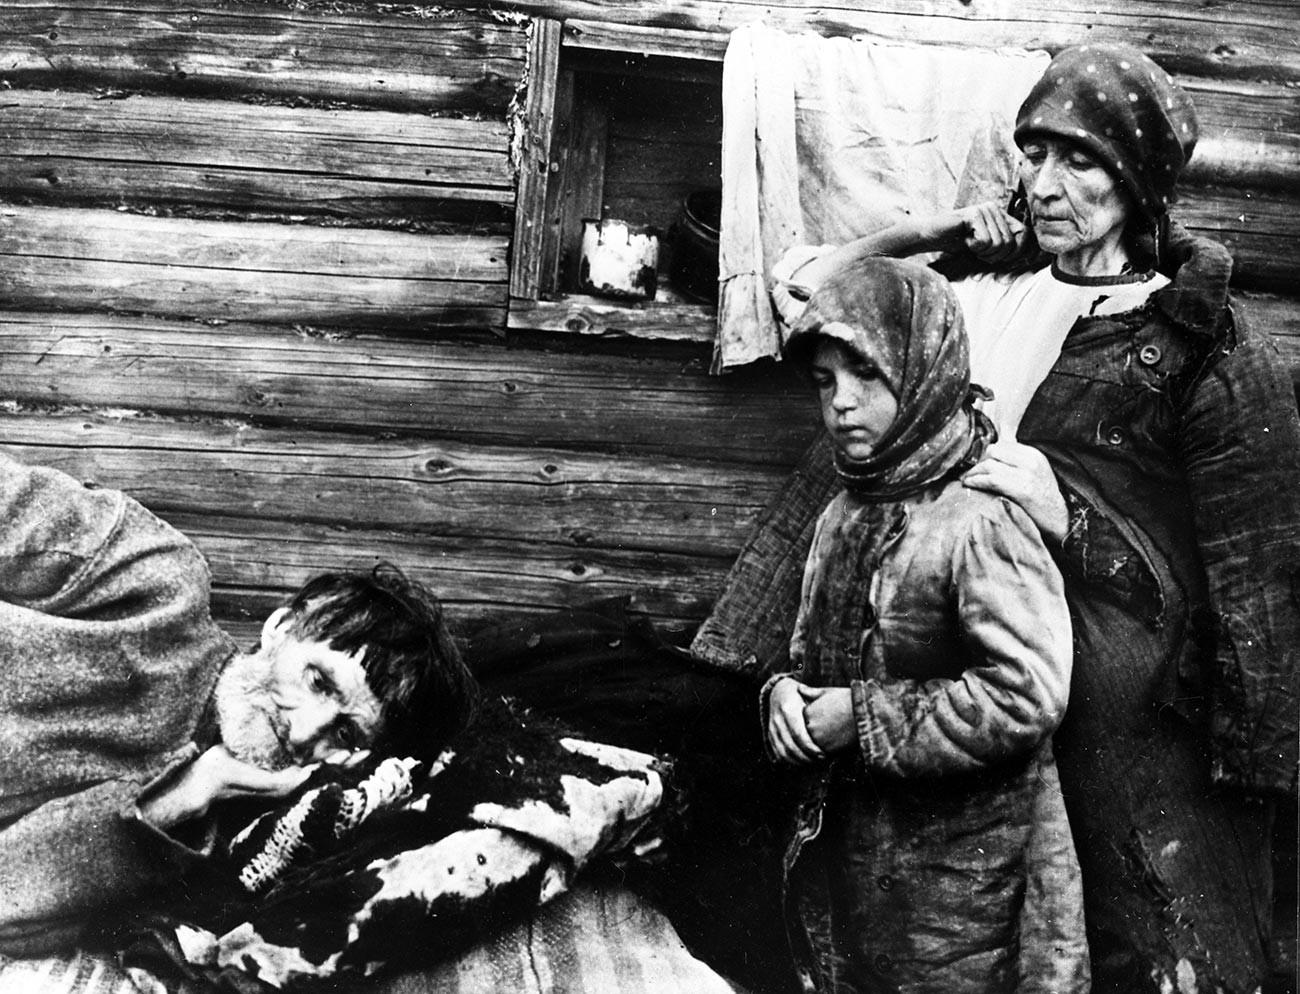 Keluarga yang kelaparan di Povolzhye (Volga) Oblast, 1921.